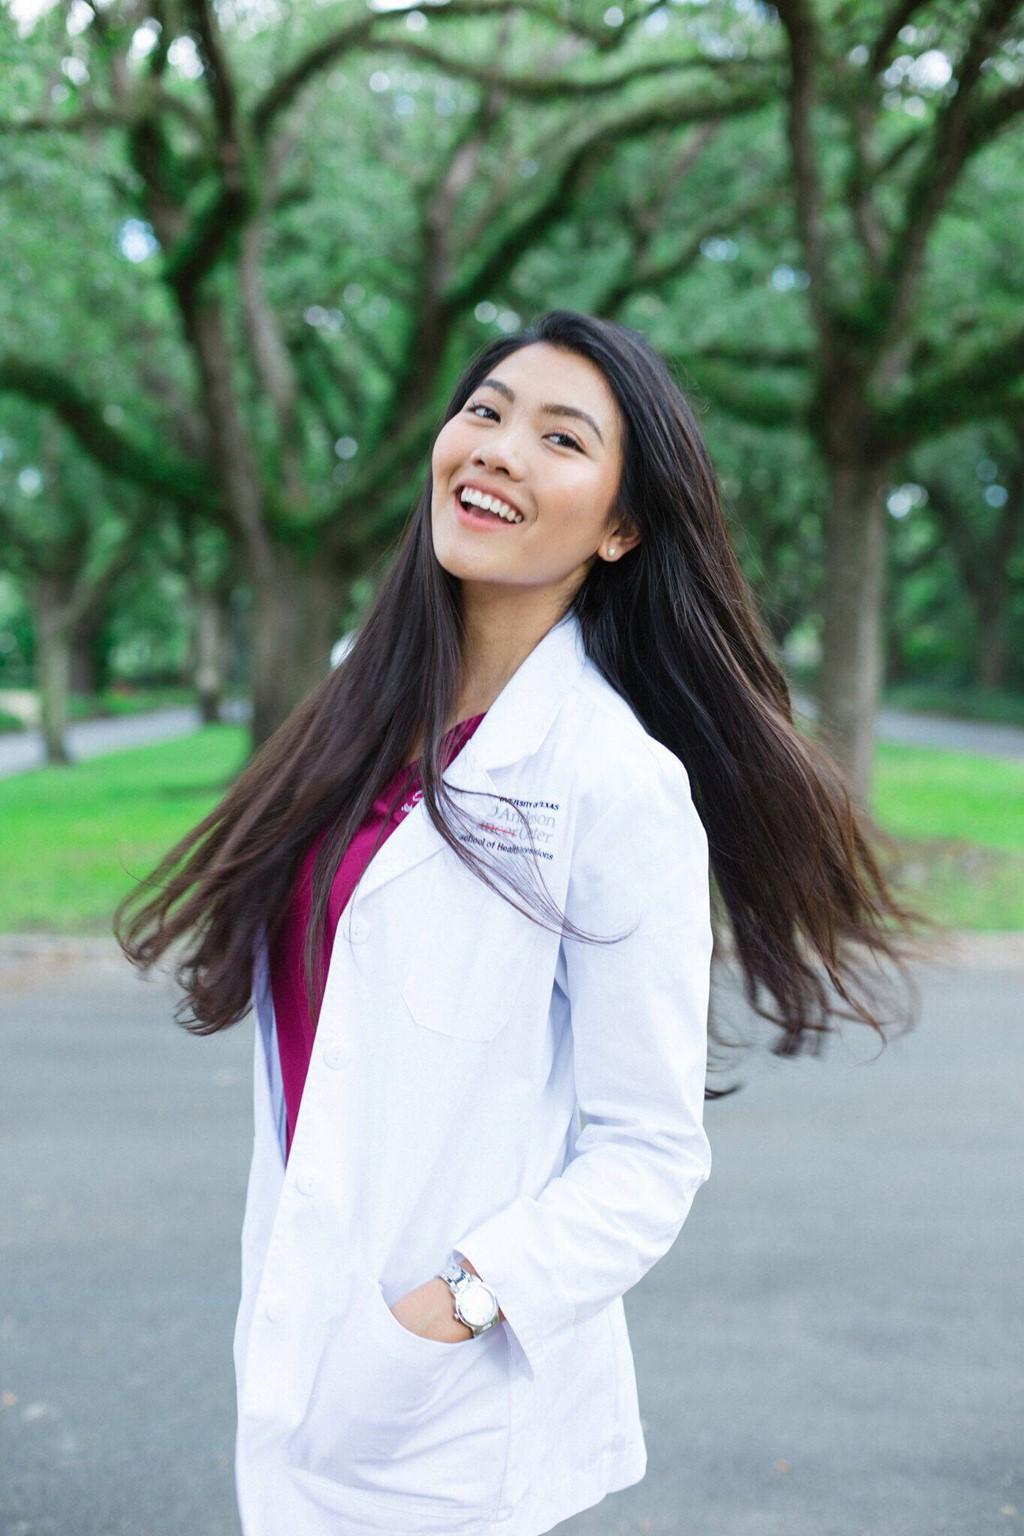 Tốt nghiệp ngành Y bằng Xuất sắc với GPA 4.0, hoa khôi du học sinh Việt được Viện ung thư hàng đầu thế giới giữ lại làm việc-10